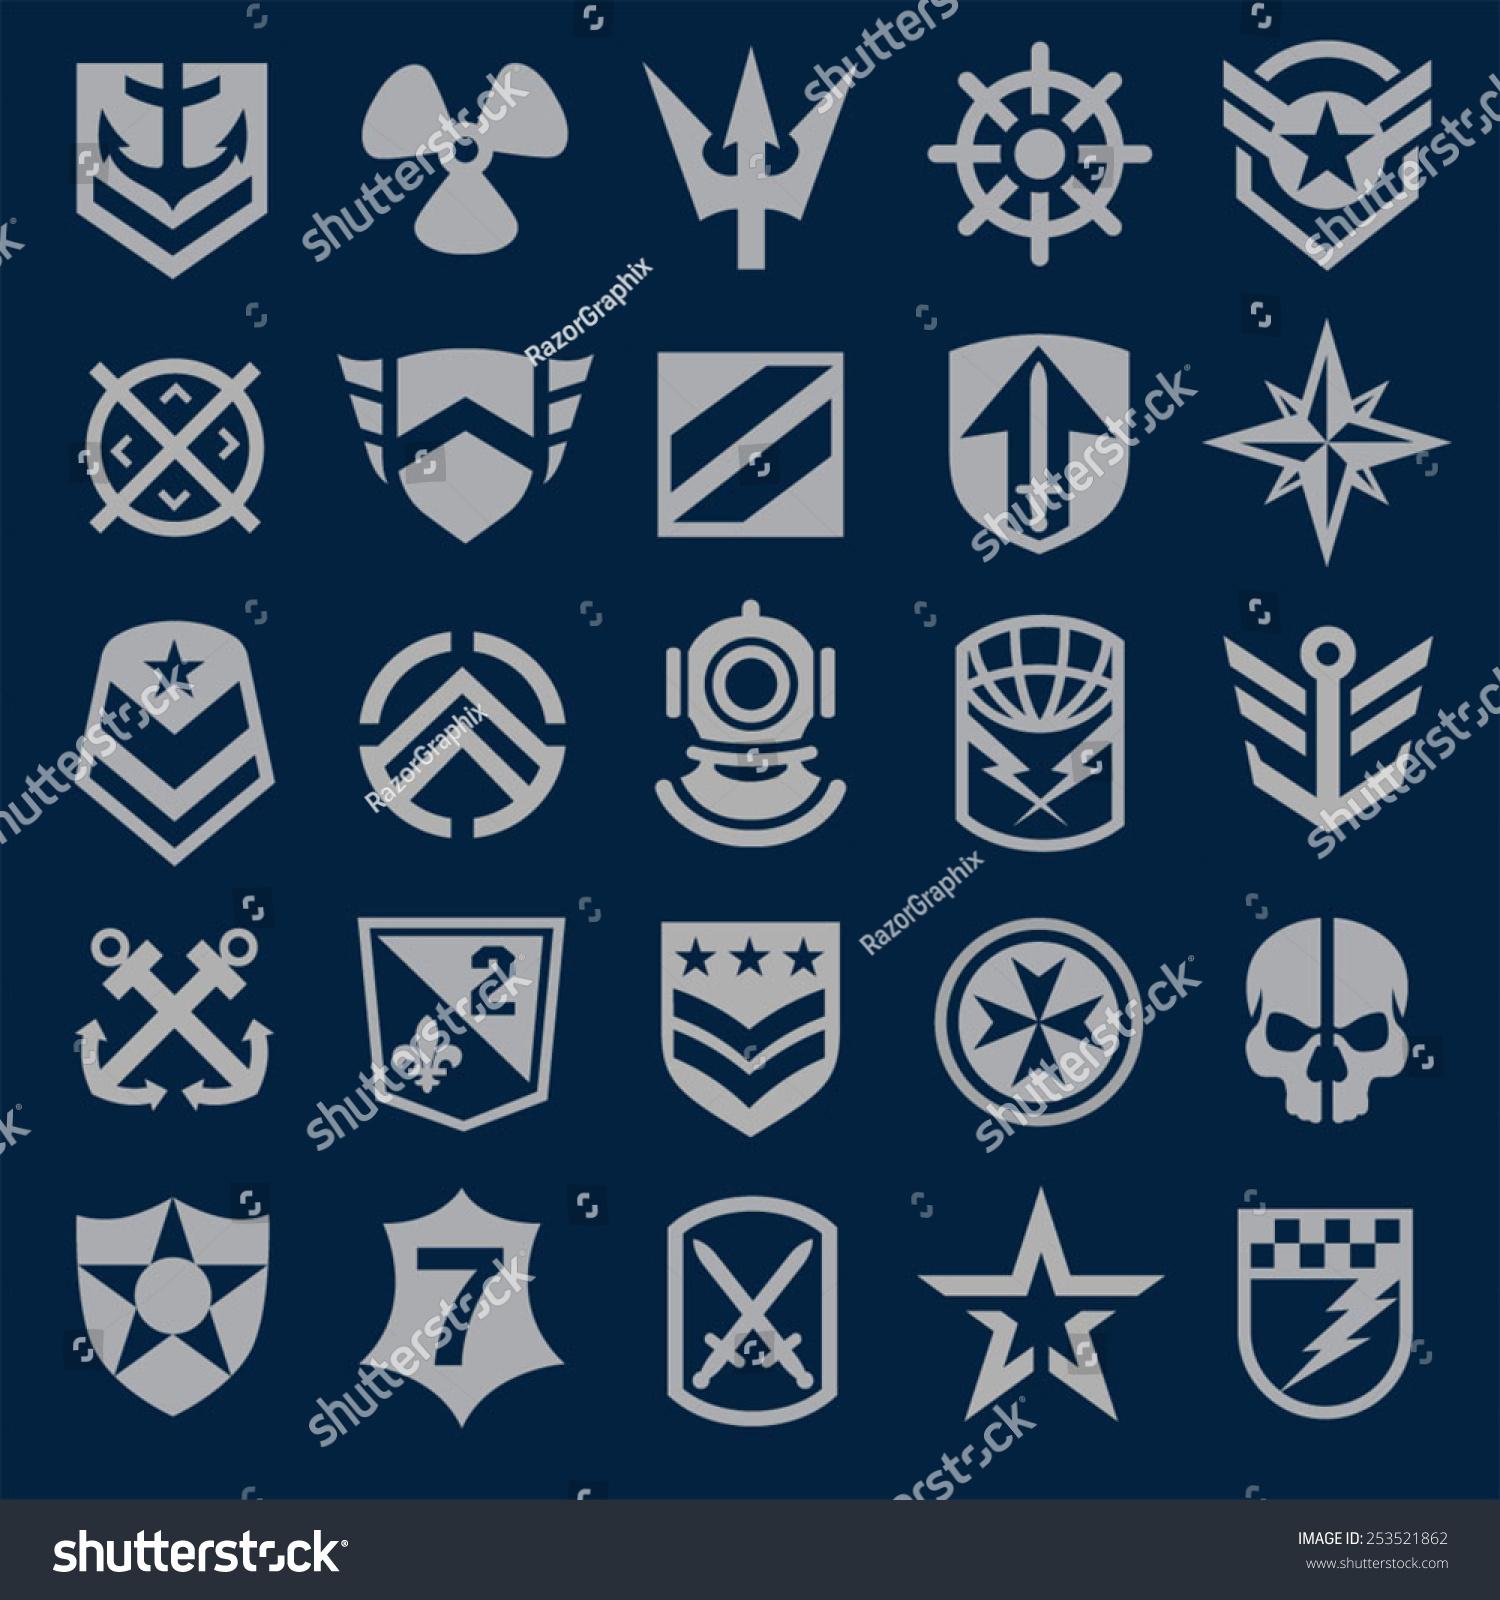 The Navy Symbol 78 Besten Hochzeit Motive Bilder Auf Pinterest